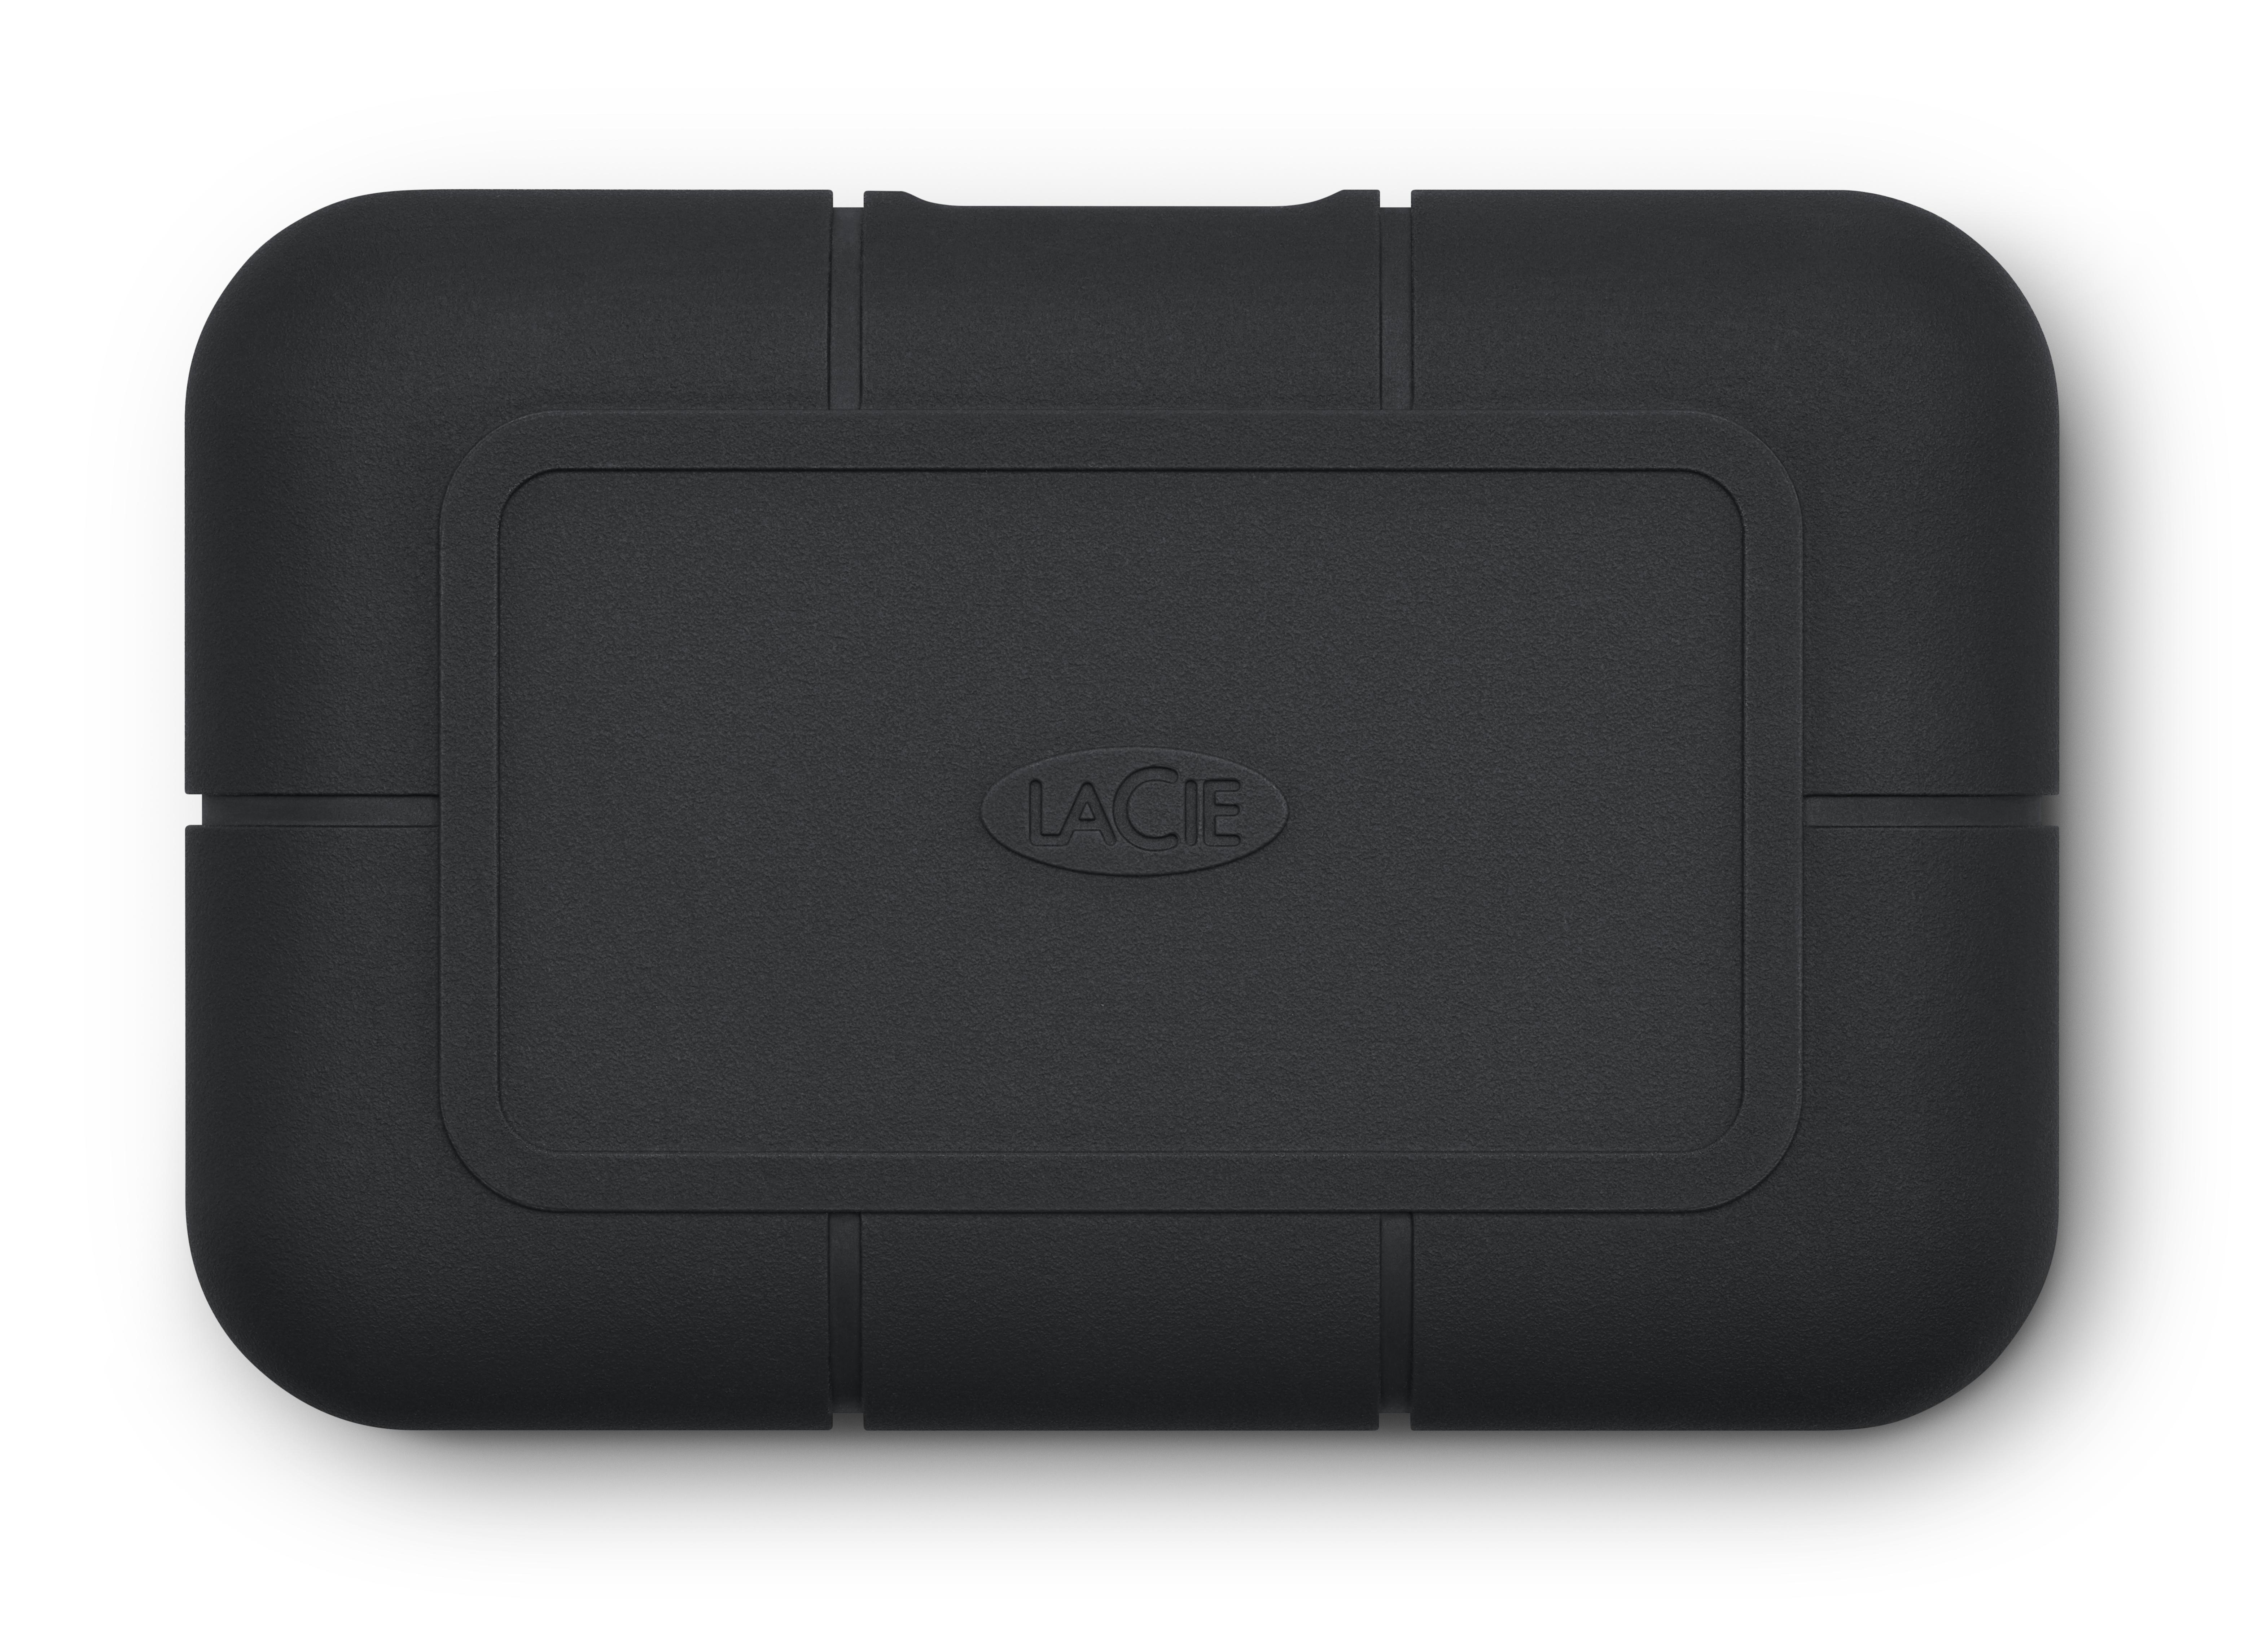 Lacie 1tb Rugged Ssd Pro External Drive